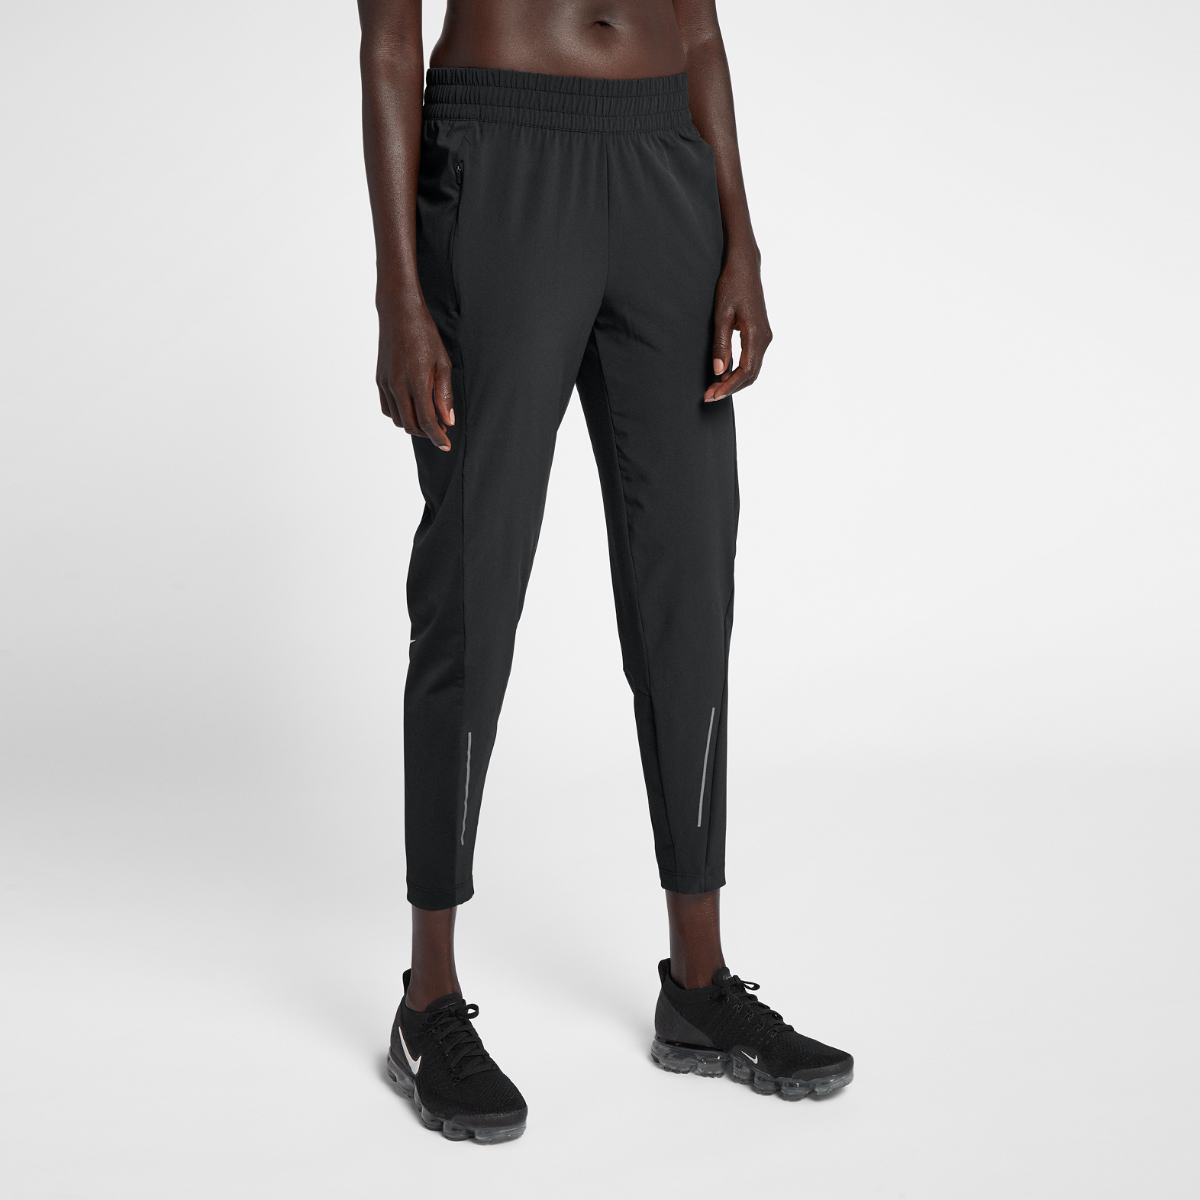 d2a9bd00 Брюки Nike W NK SWFT RUN PANT 928817-010 купить | deltasport.ua